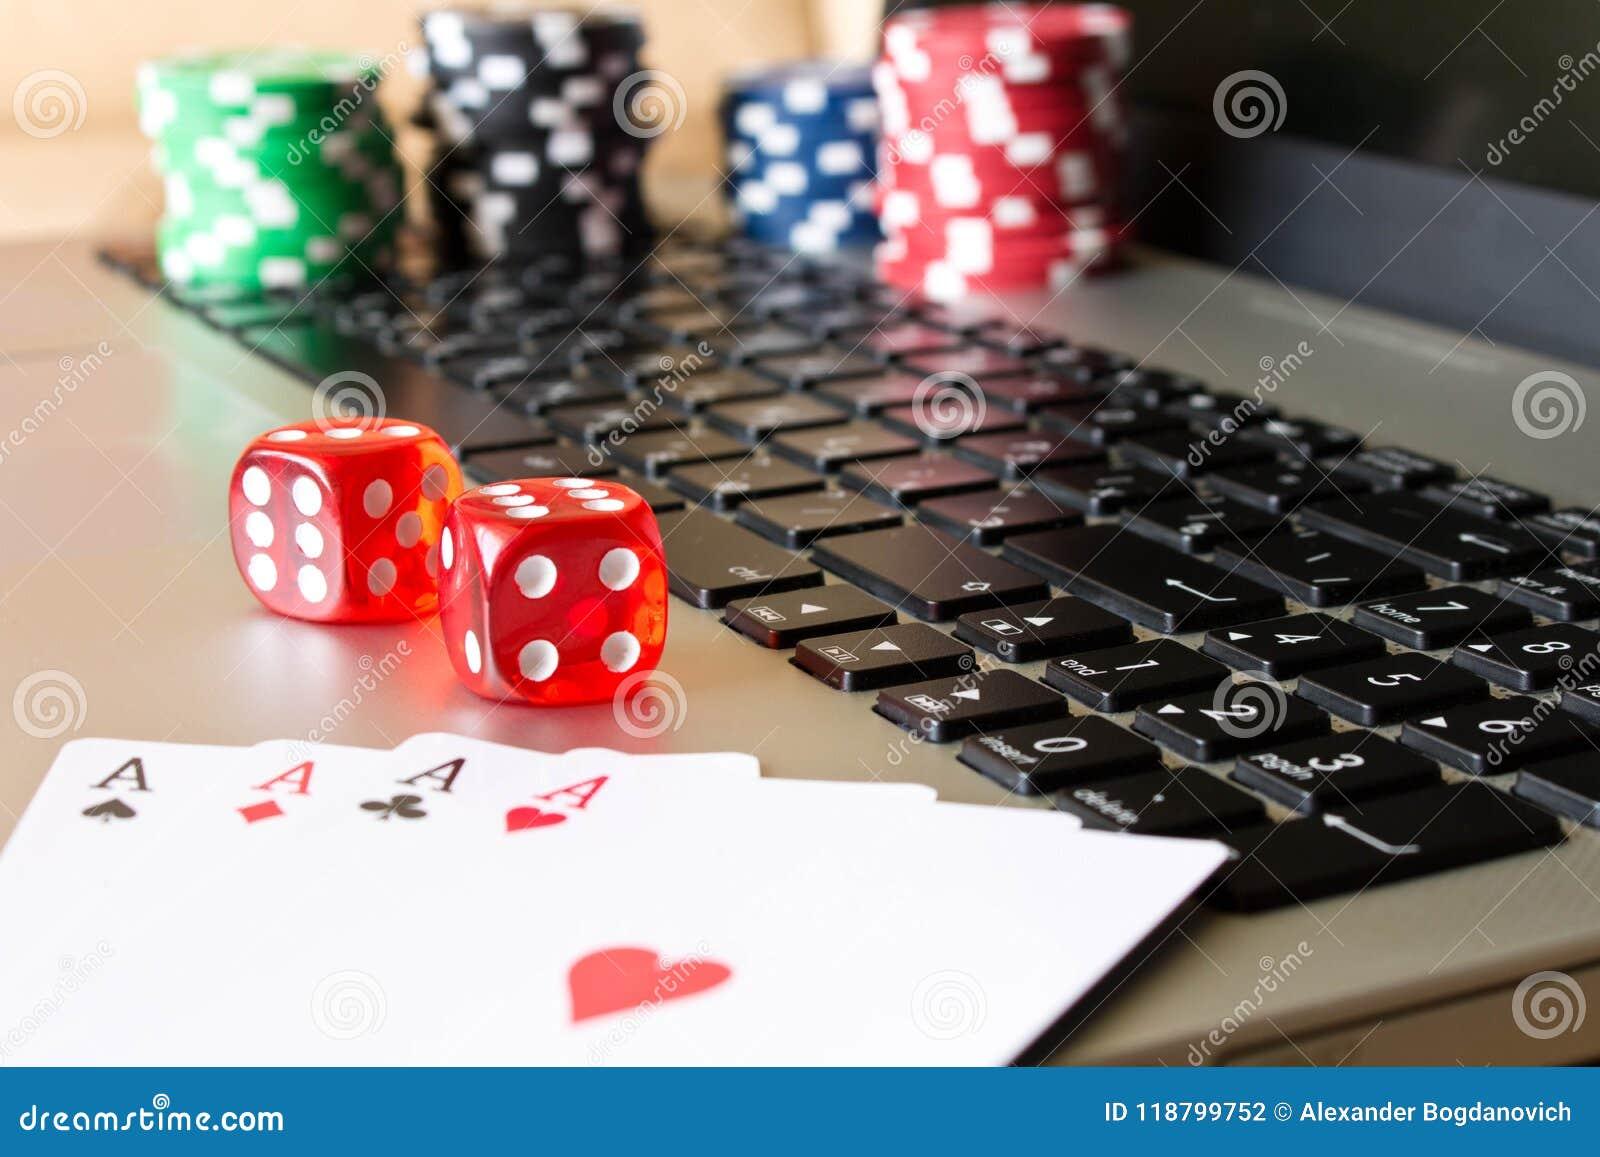 Kostka do gry, grzebaków układy scaleni i karta do gry na laptopie, Pojęcie dalej